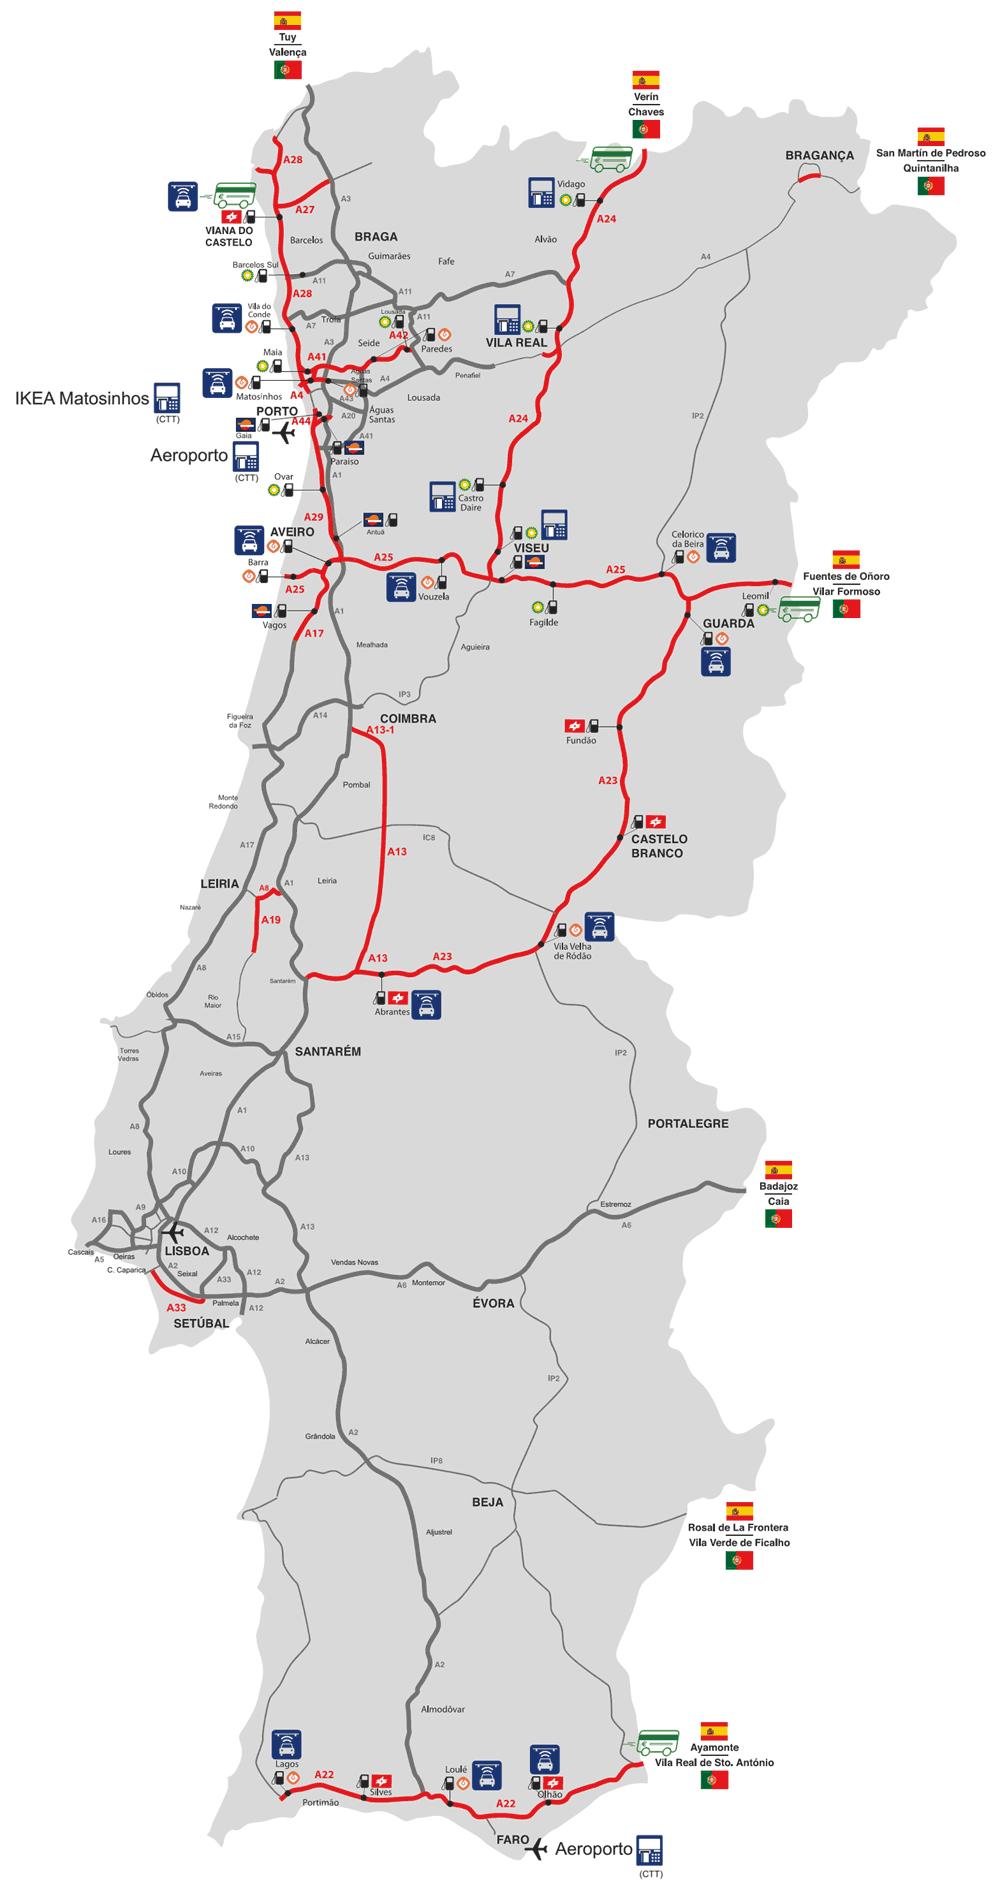 карта дорог португалии с электронной оплатой